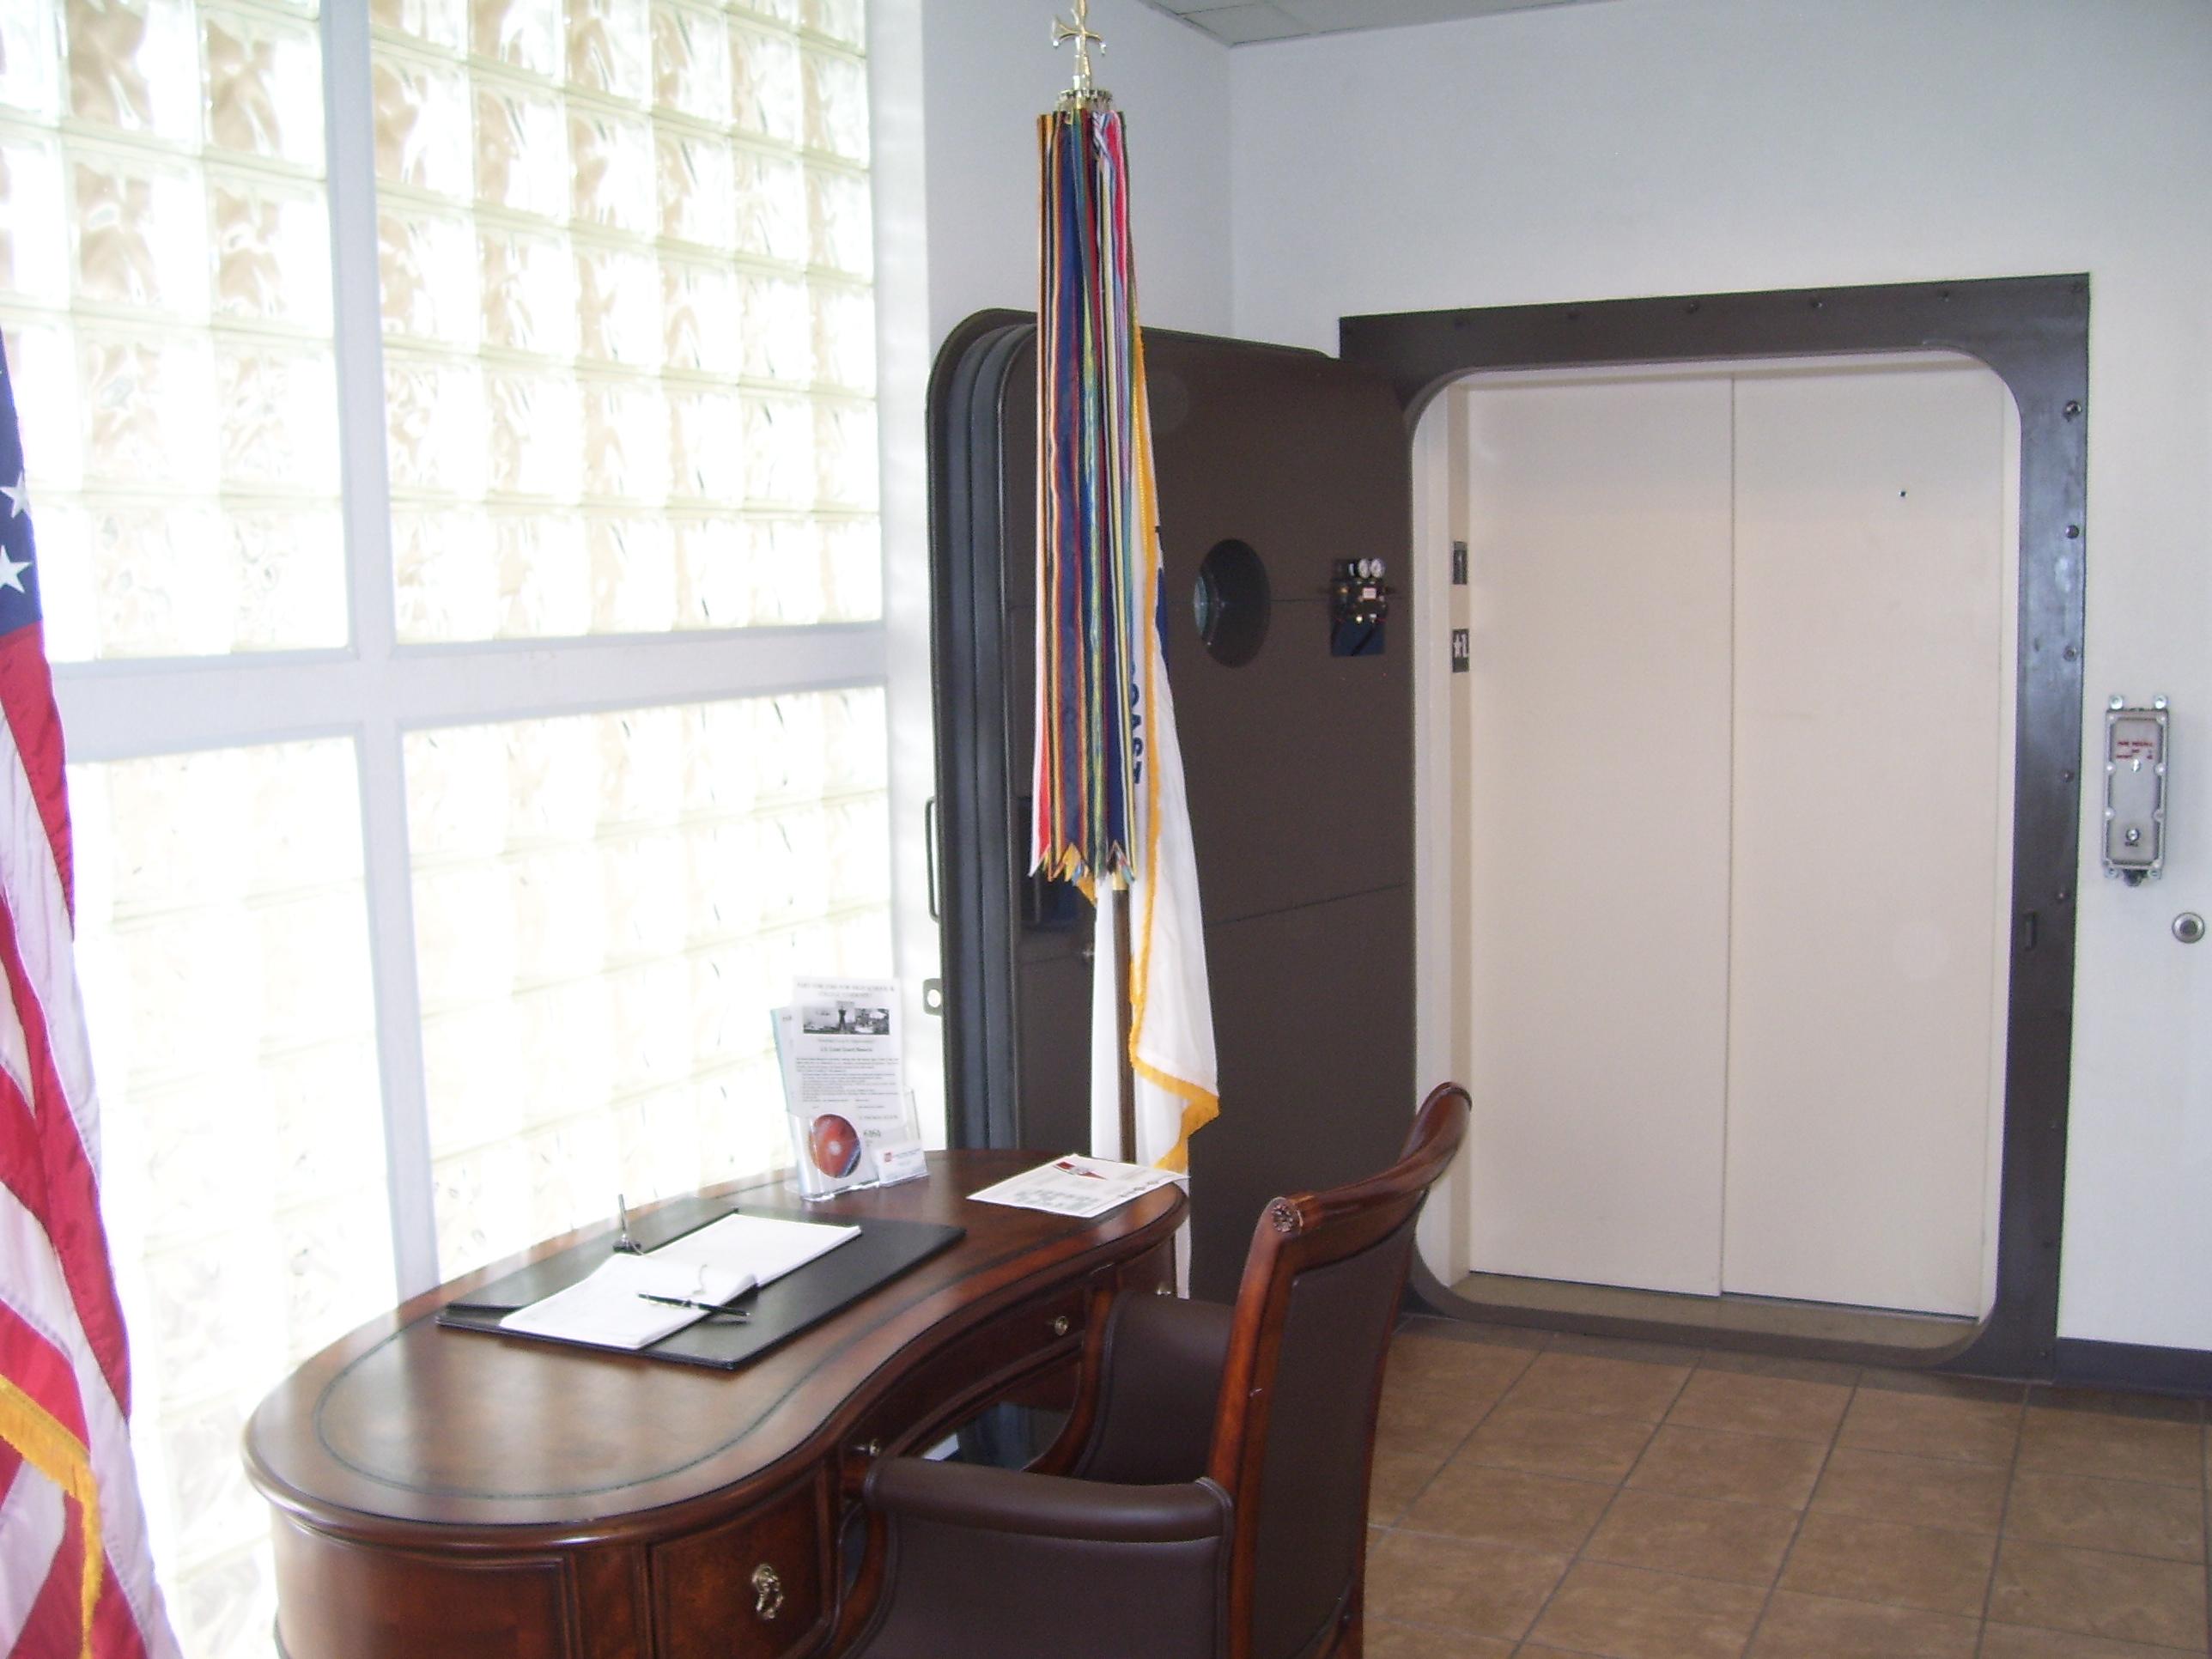 Inflatable Gasket Door inflat door & WK Model WT-FD-ID   Walz \u0026 Krenzer Inc